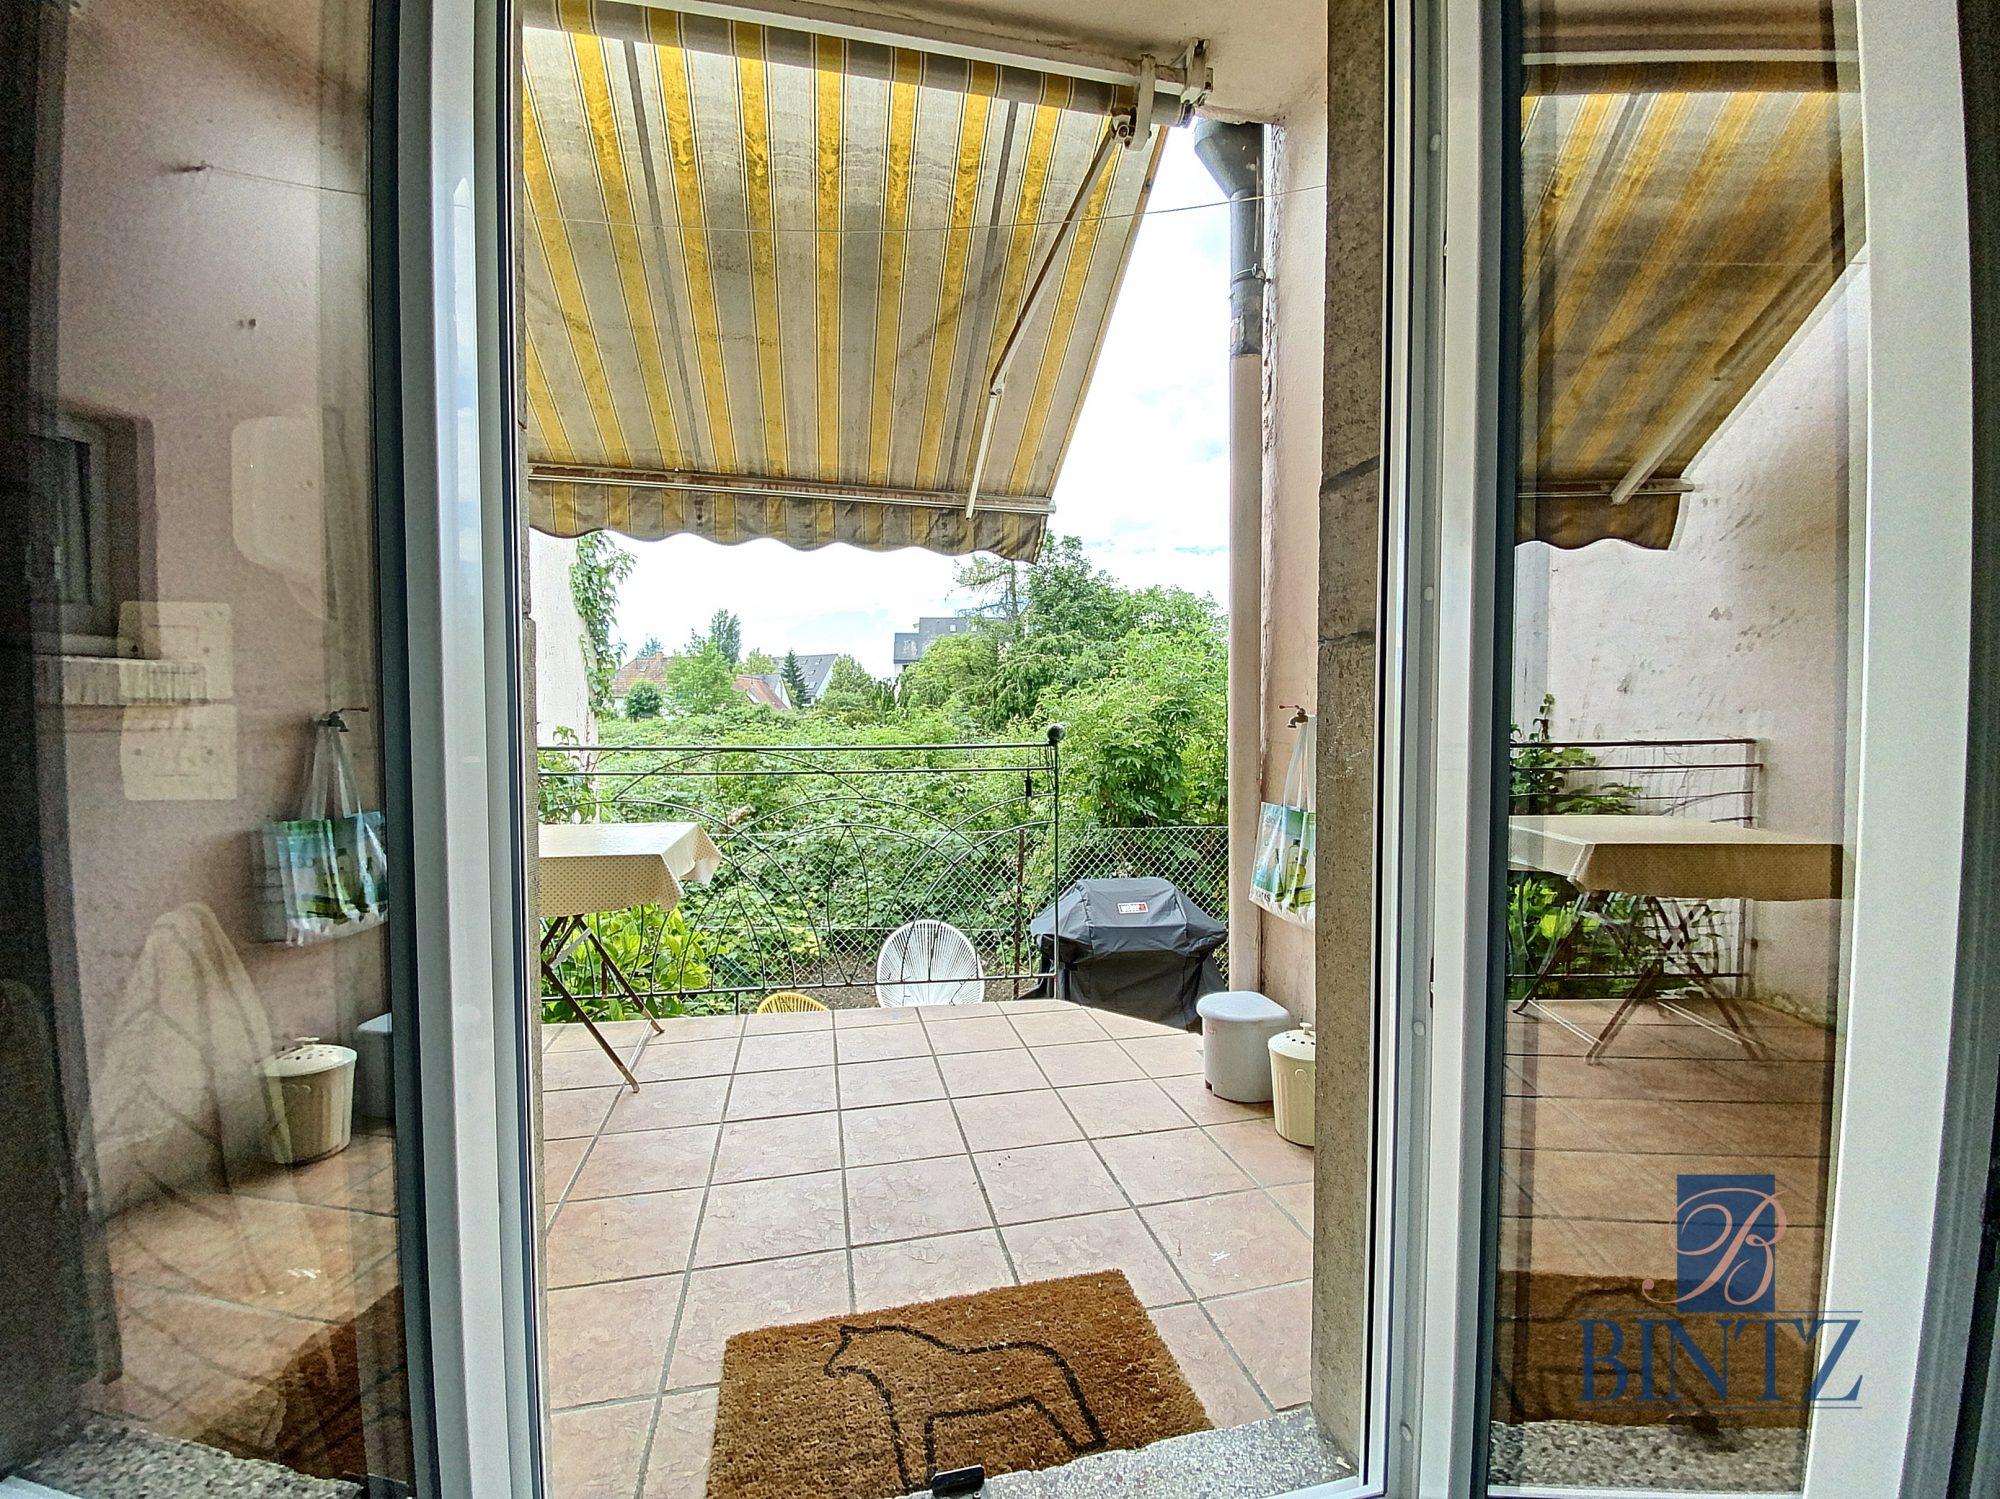 3 pièces avec terrasse à la Robertsau - Devenez propriétaire en toute confiance - Bintz Immobilier - 6